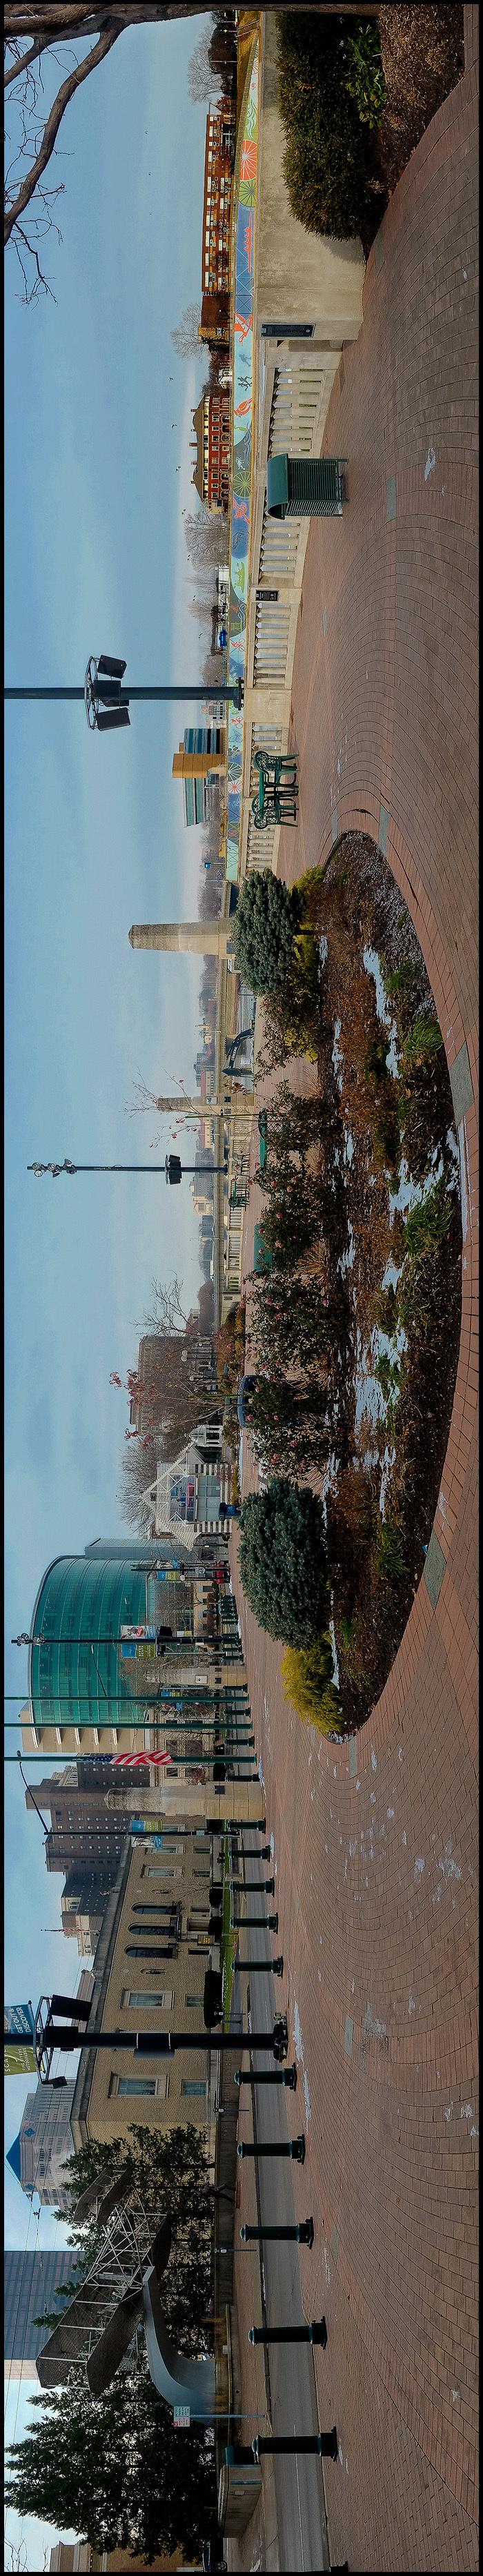 T161221-17-blog-panorama.jpg